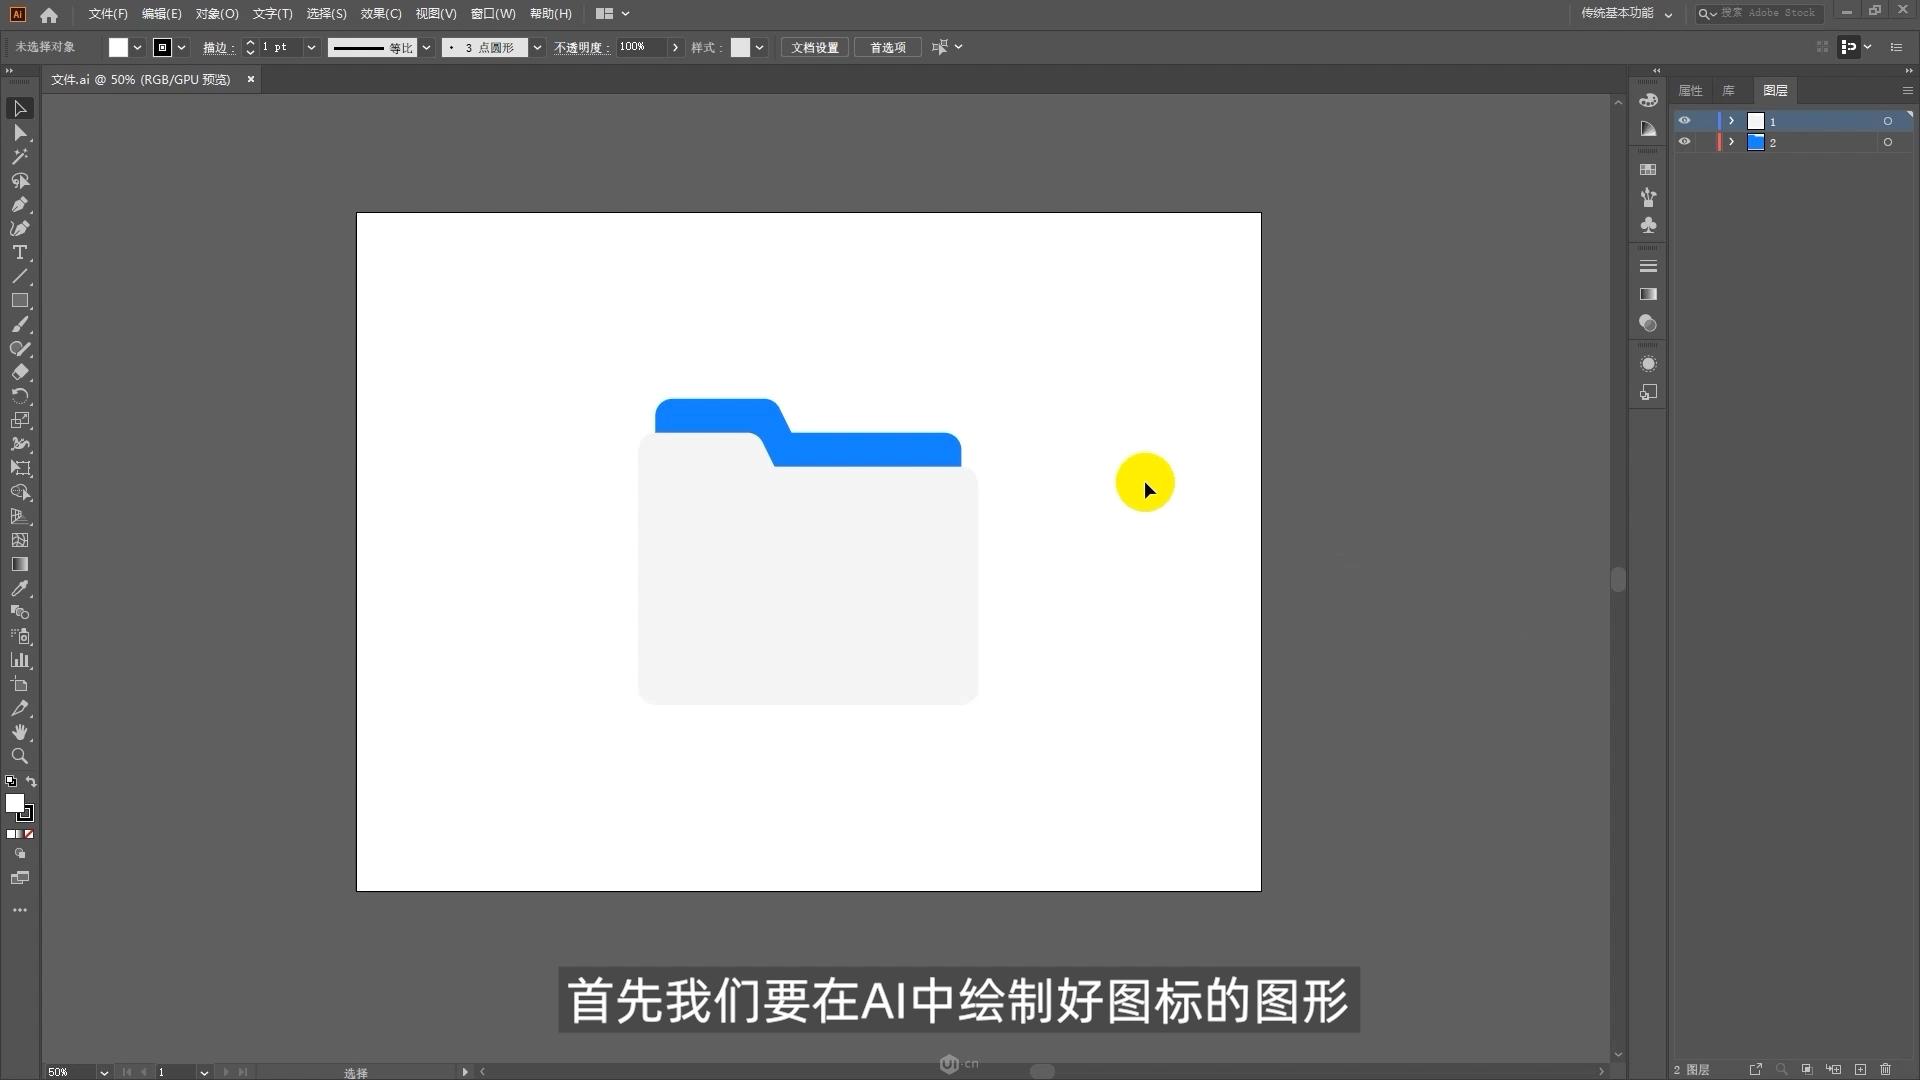 AE如何制作毛玻璃风格图标动效(2)